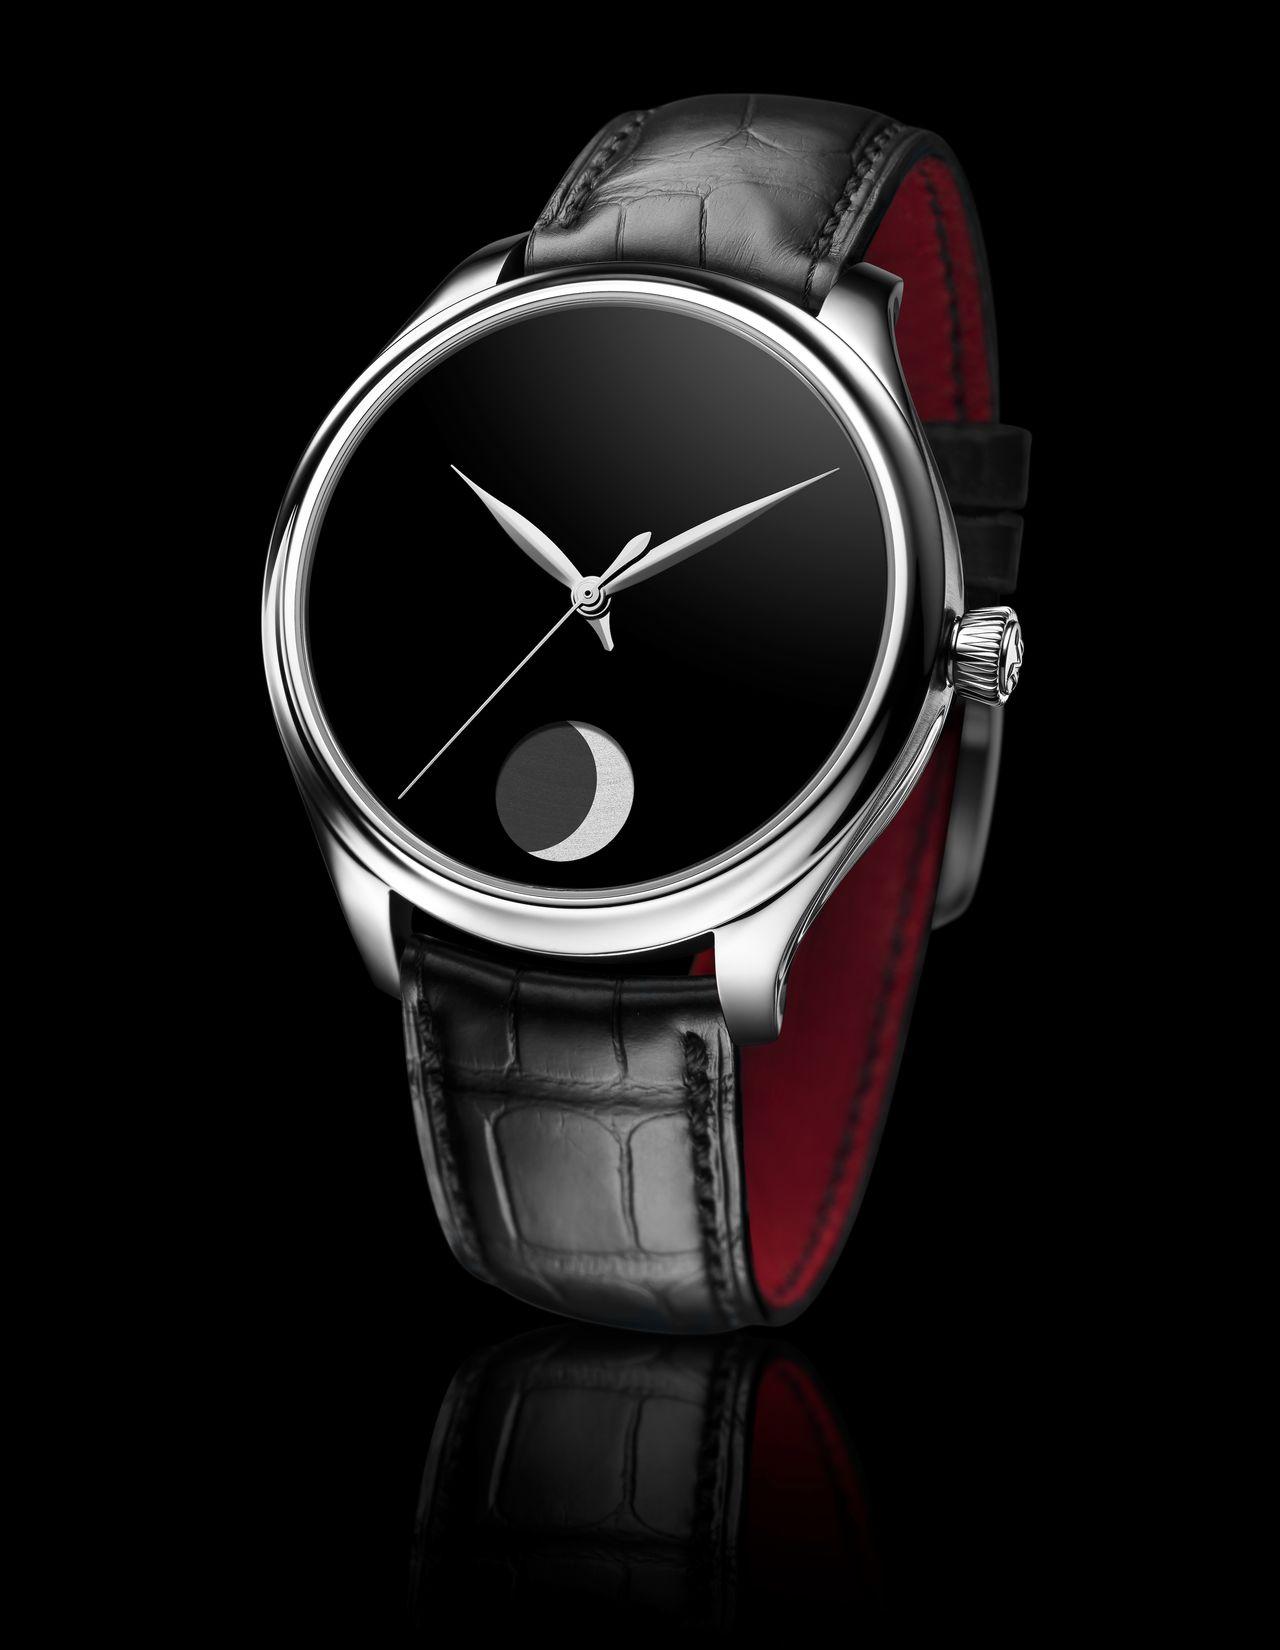 H. Moser & Cie. Endeavour Perpetual Moon Concept - a szíj piros belső borítása sokat old a monokróm színvilág szigorán, bár az órát viselve nyilván nem látszik